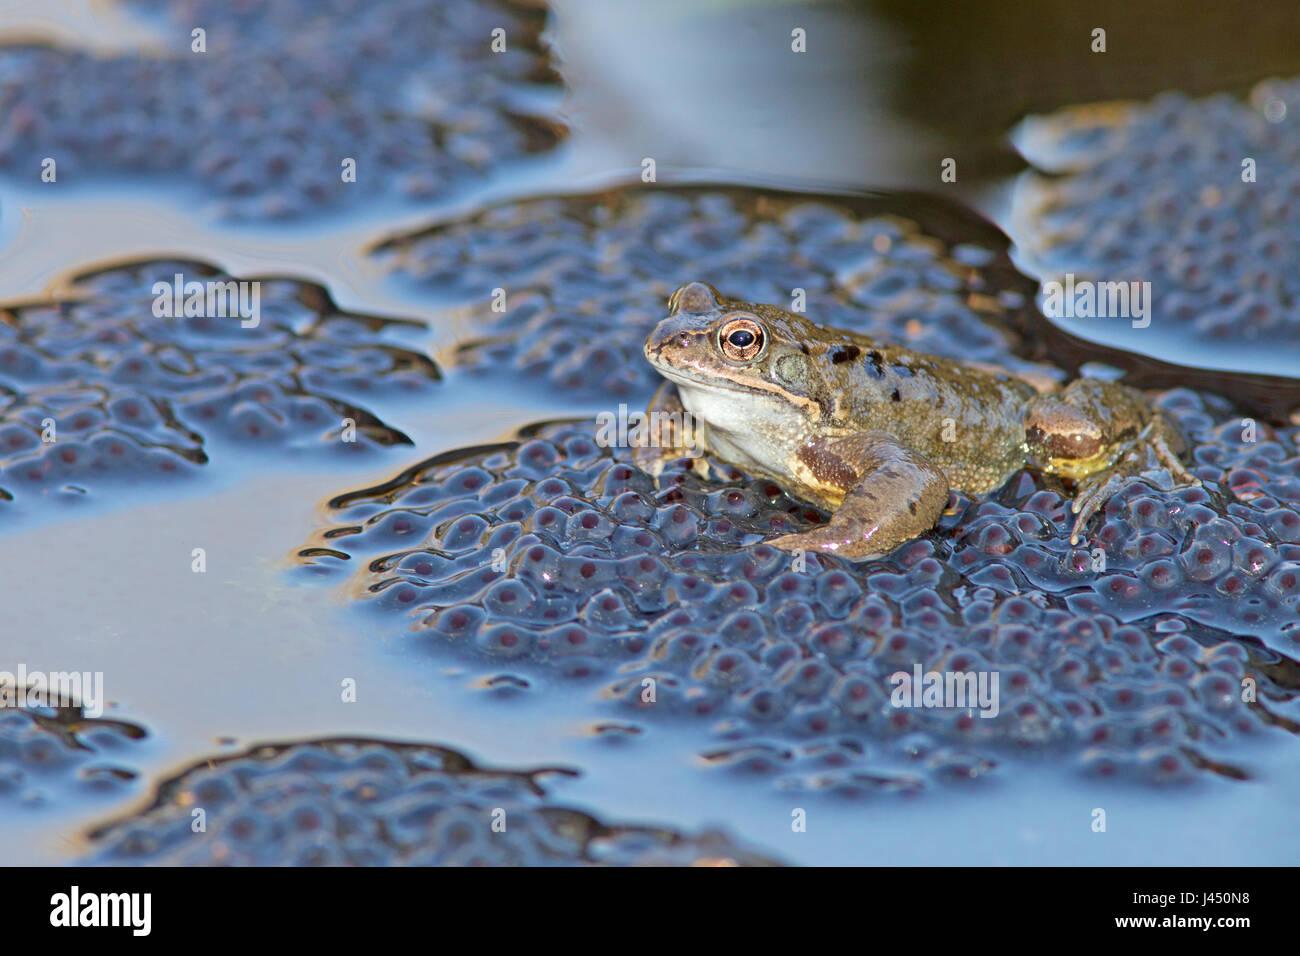 Grenouille rousse grenouille mâle en haut de frayer au cours de l'accouplement Photo Stock